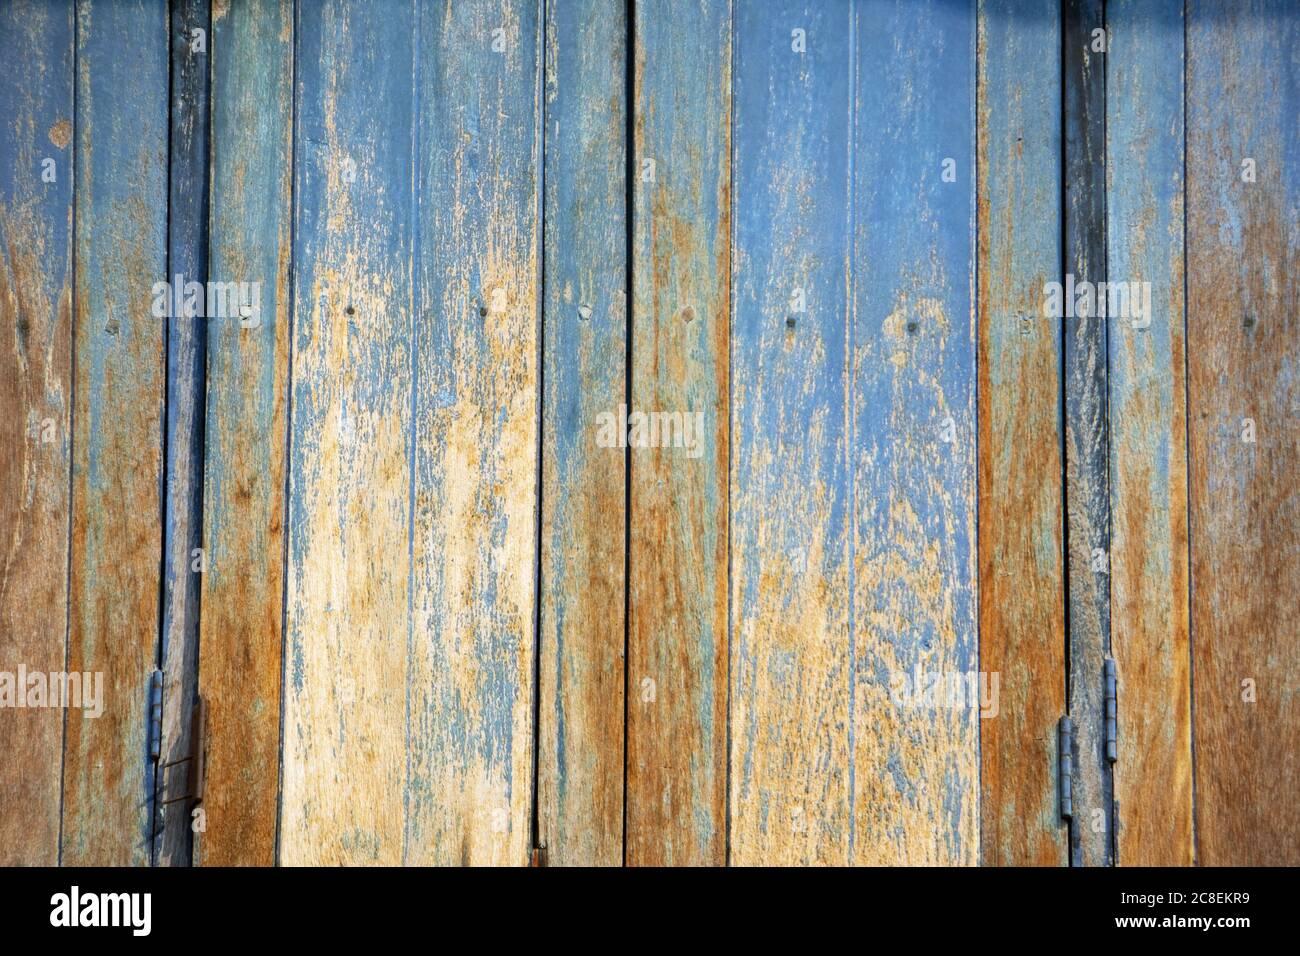 Fond de texture de bois patiné avec peinture bleu pâle et motifs abstraits d'une maison en bois en Thaïlande. Banque D'Images